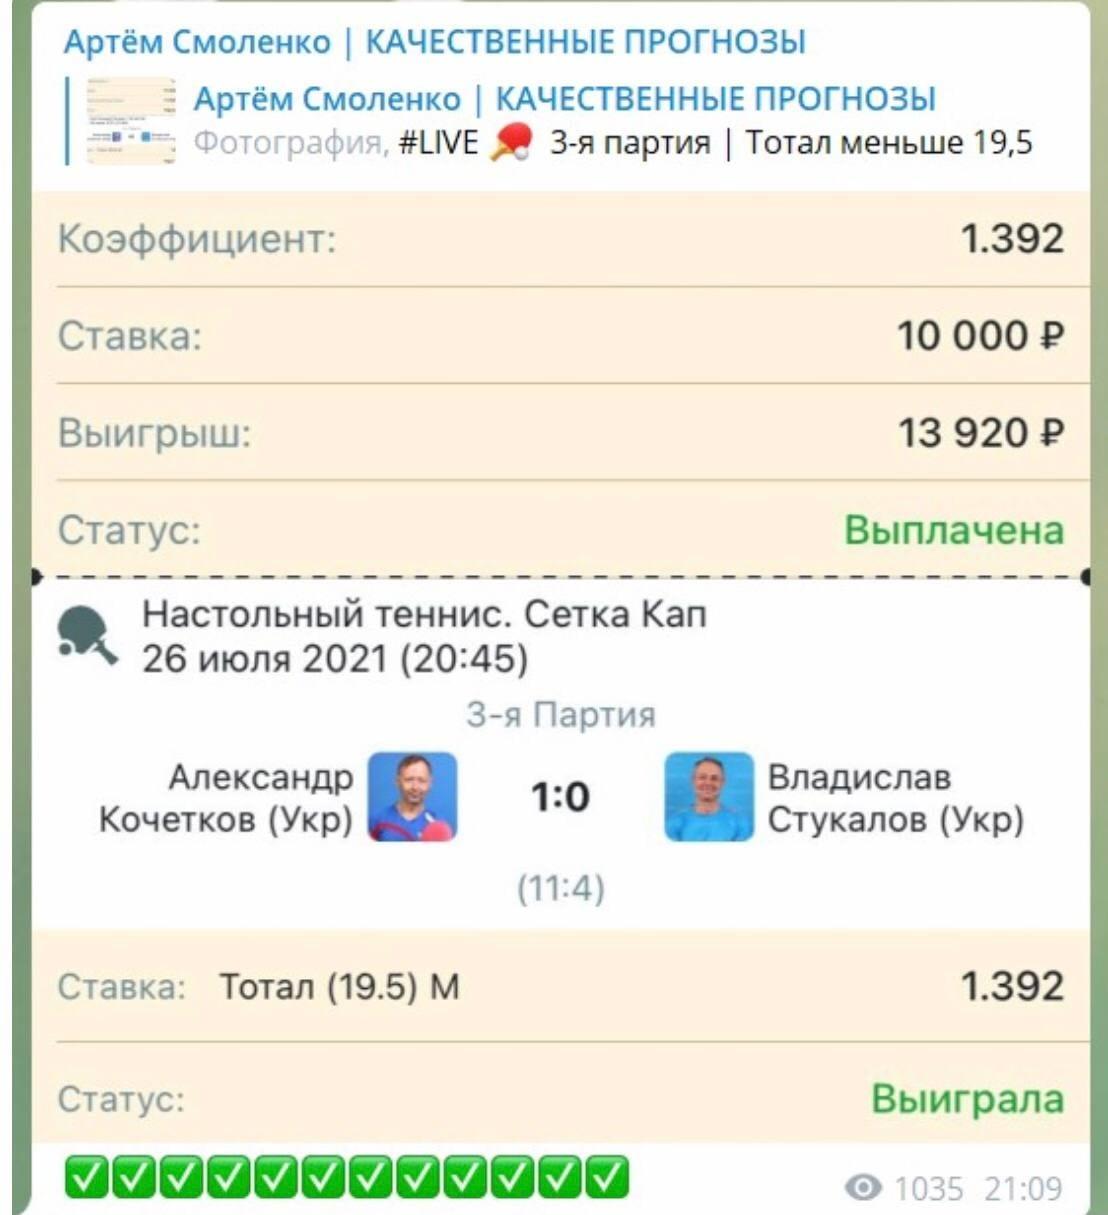 Прогнозы на спорт в Телеграмм Артем Смоленко